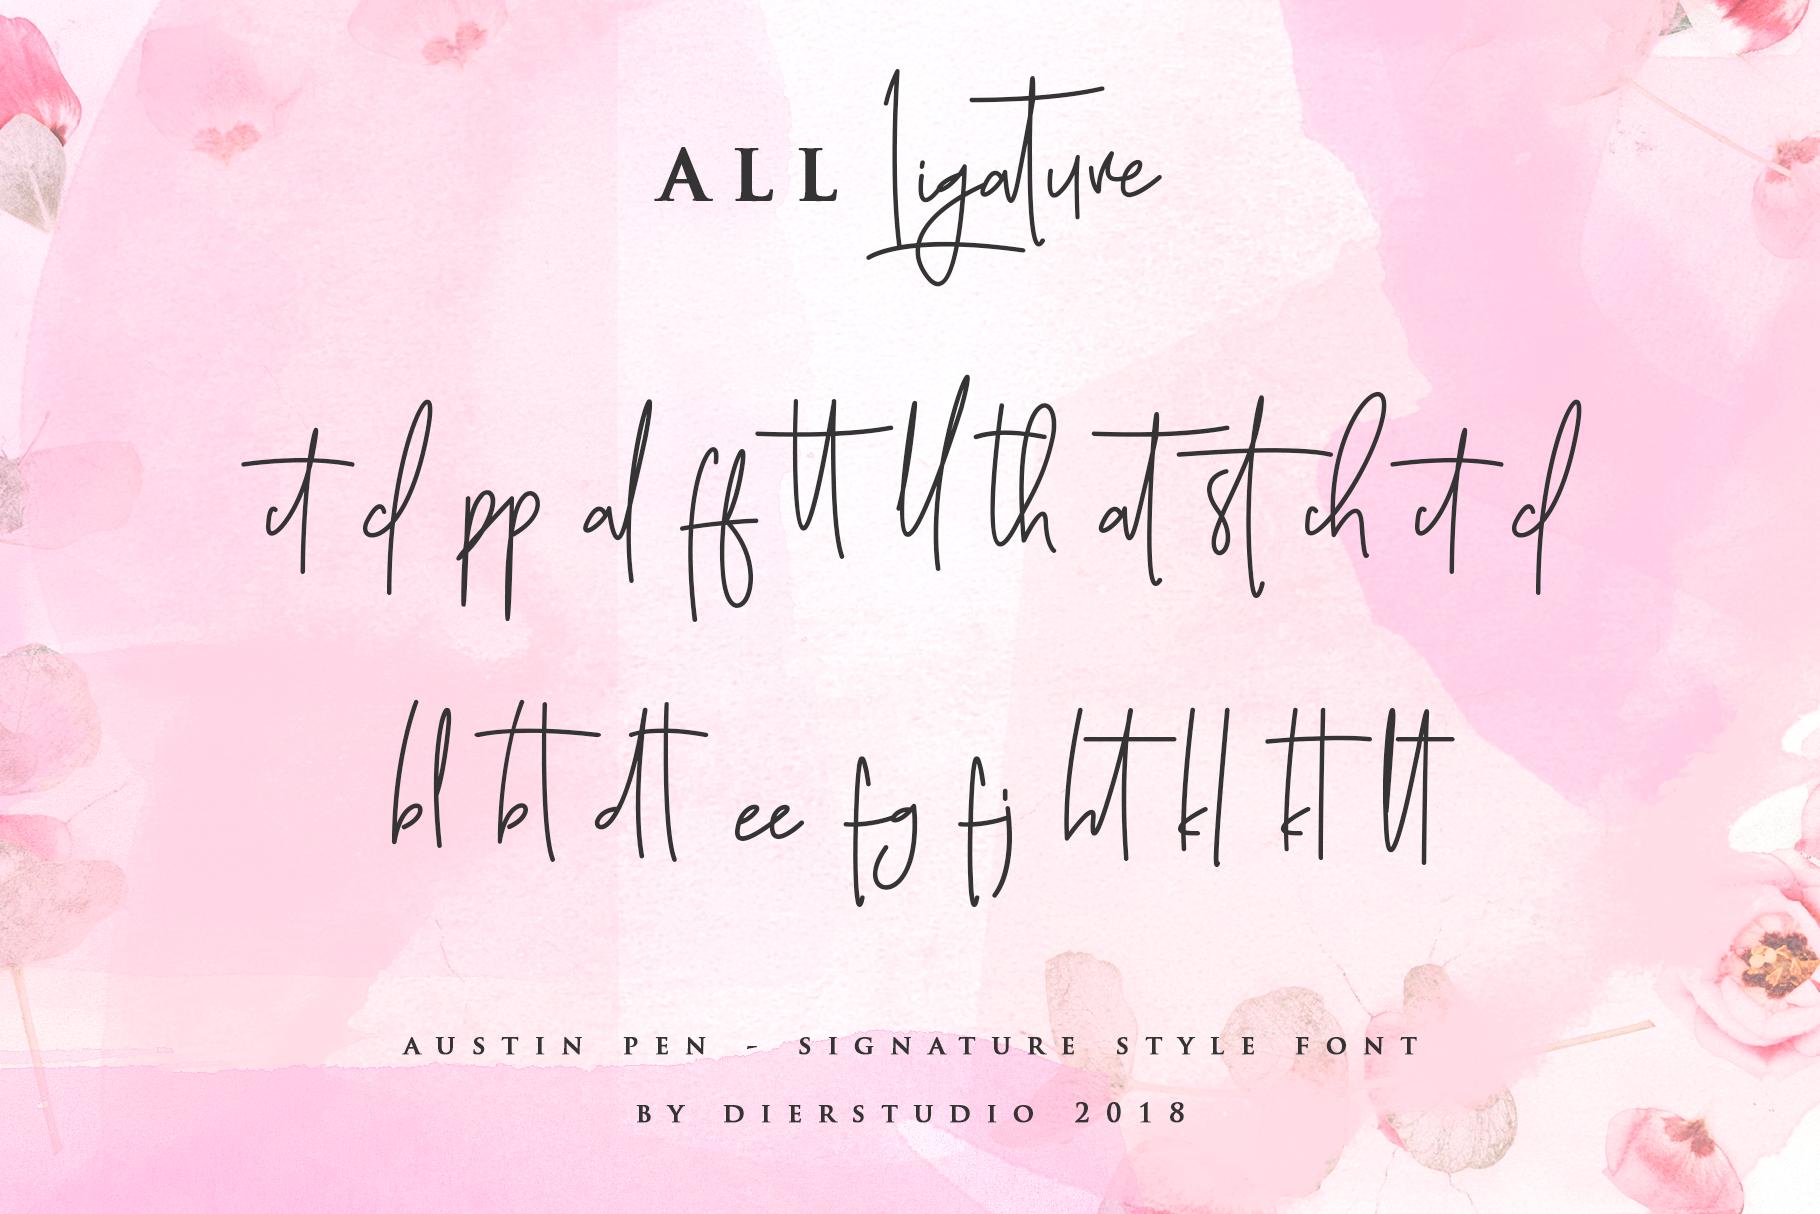 Austin Pen - Signature Monoline example image 11